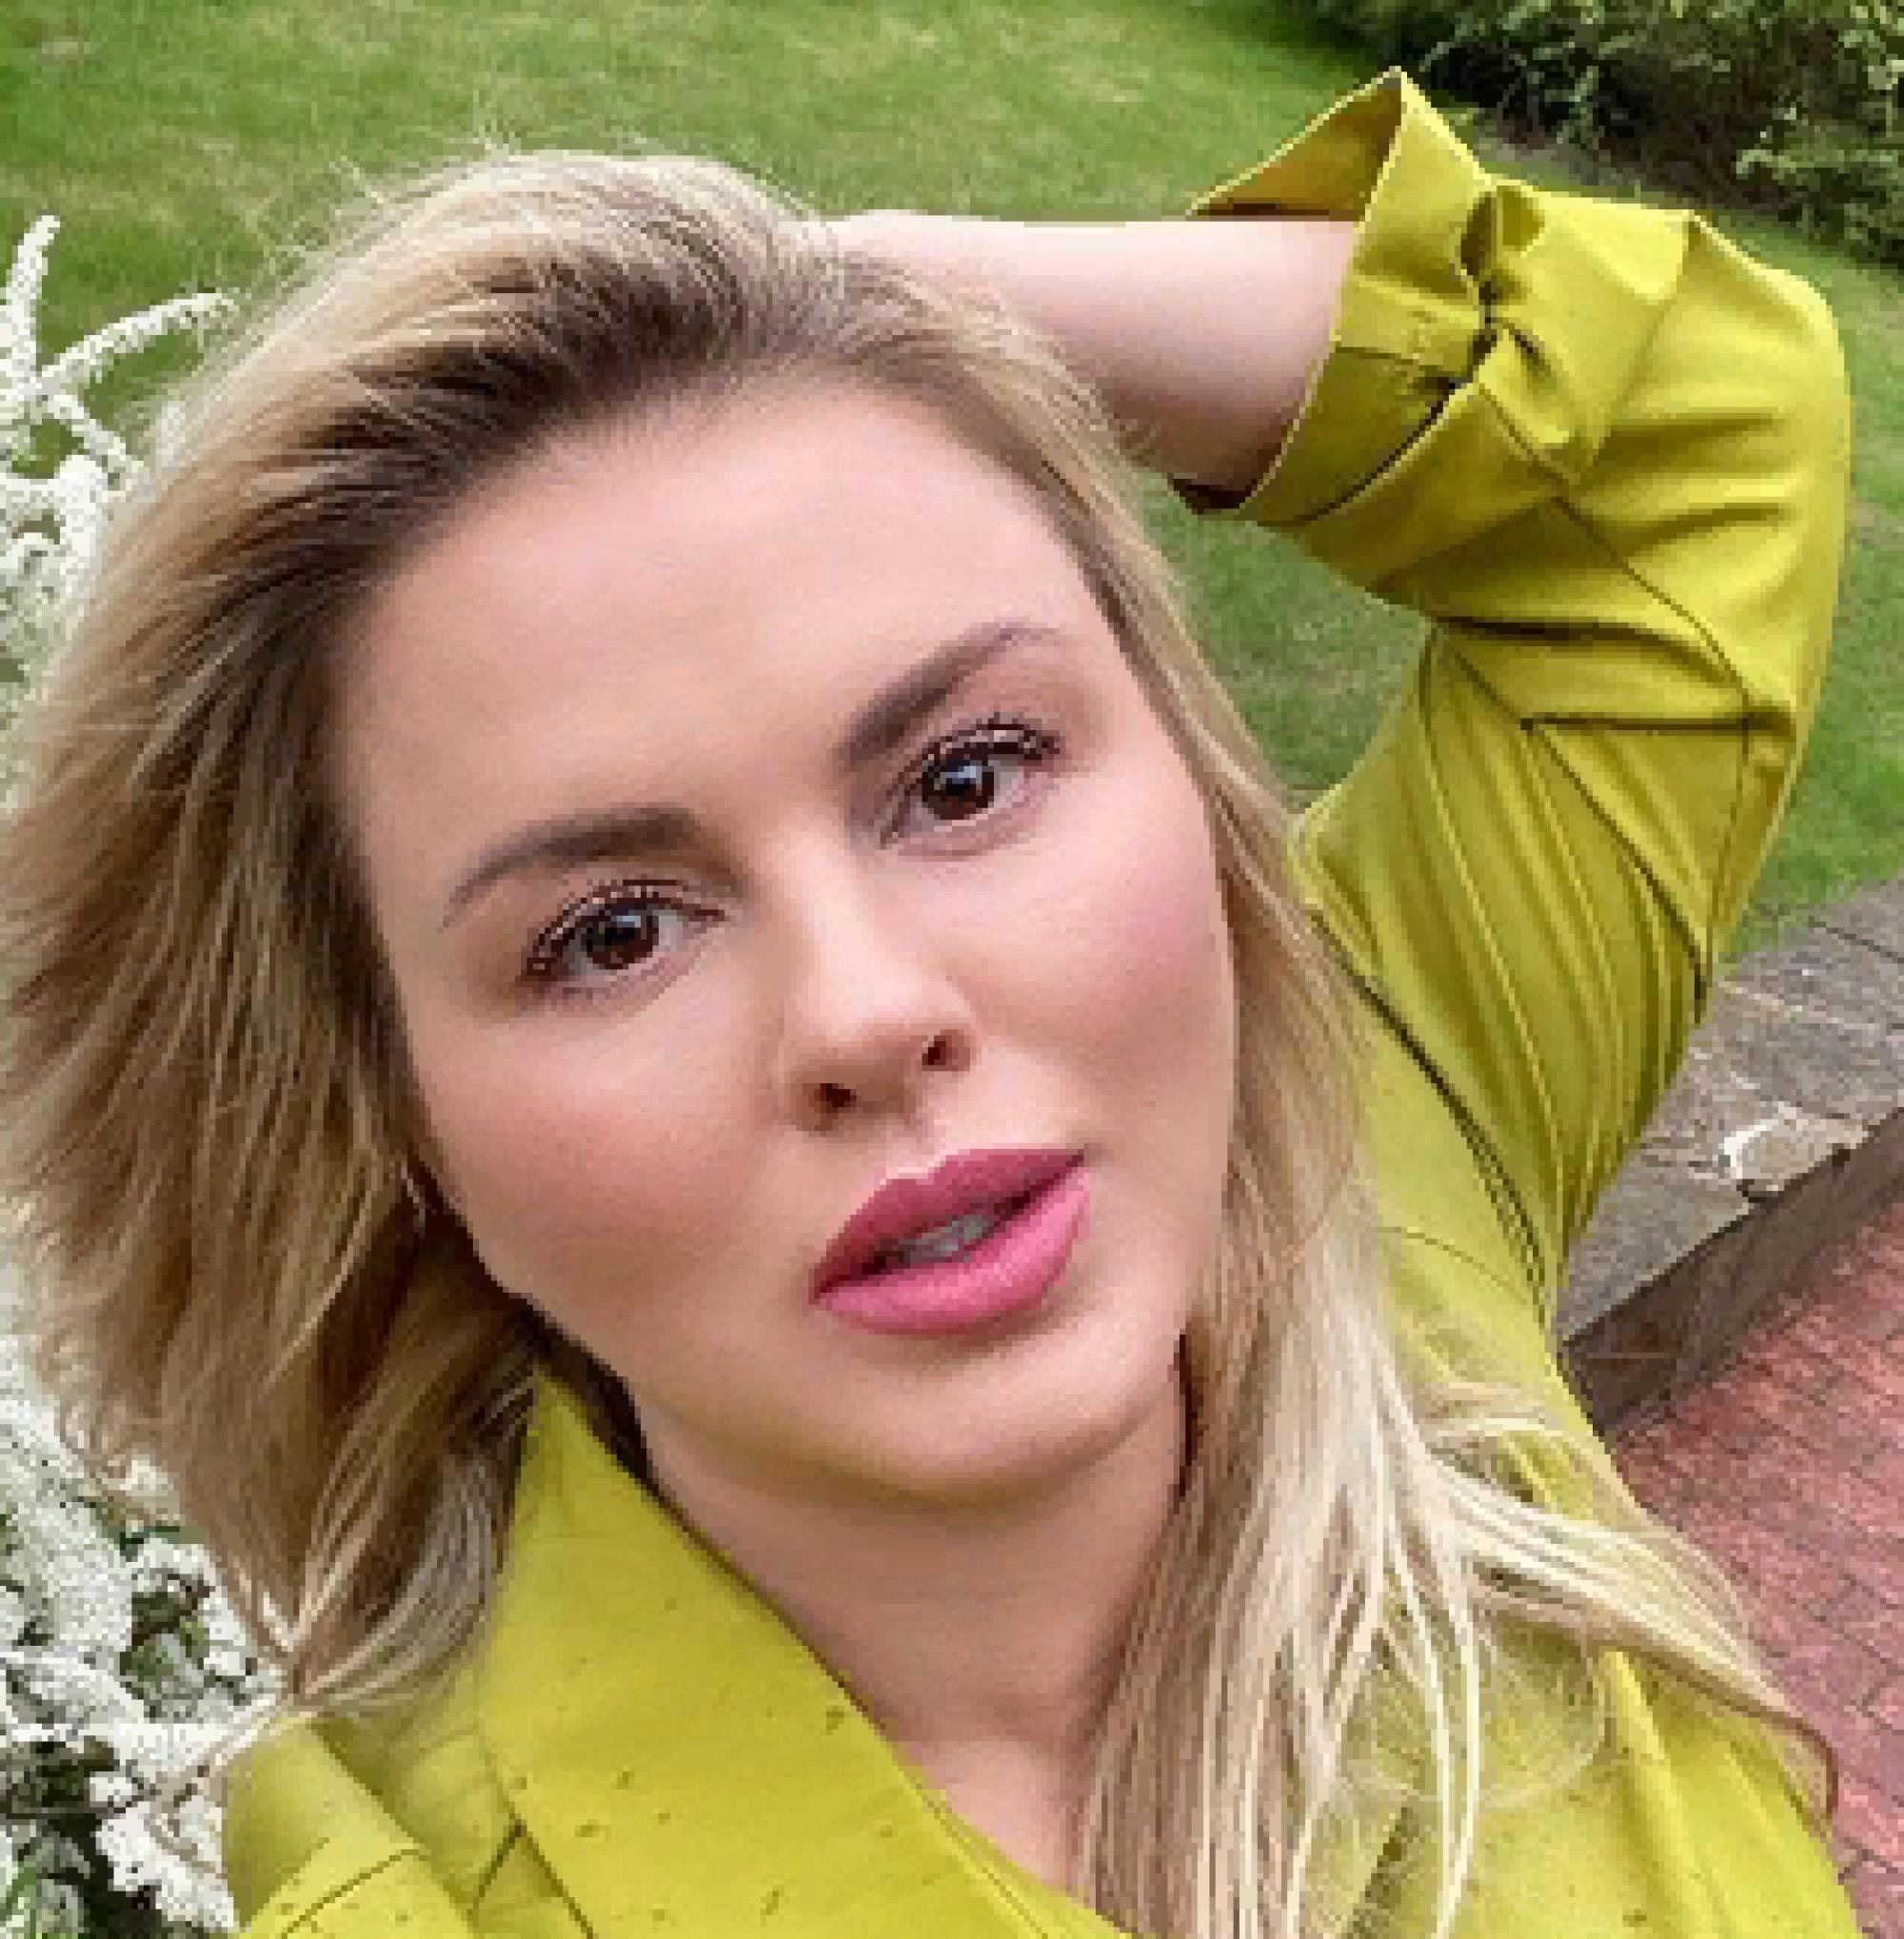 Анна Семенович показала с помощью архивных фотографий, как росла ее грудь